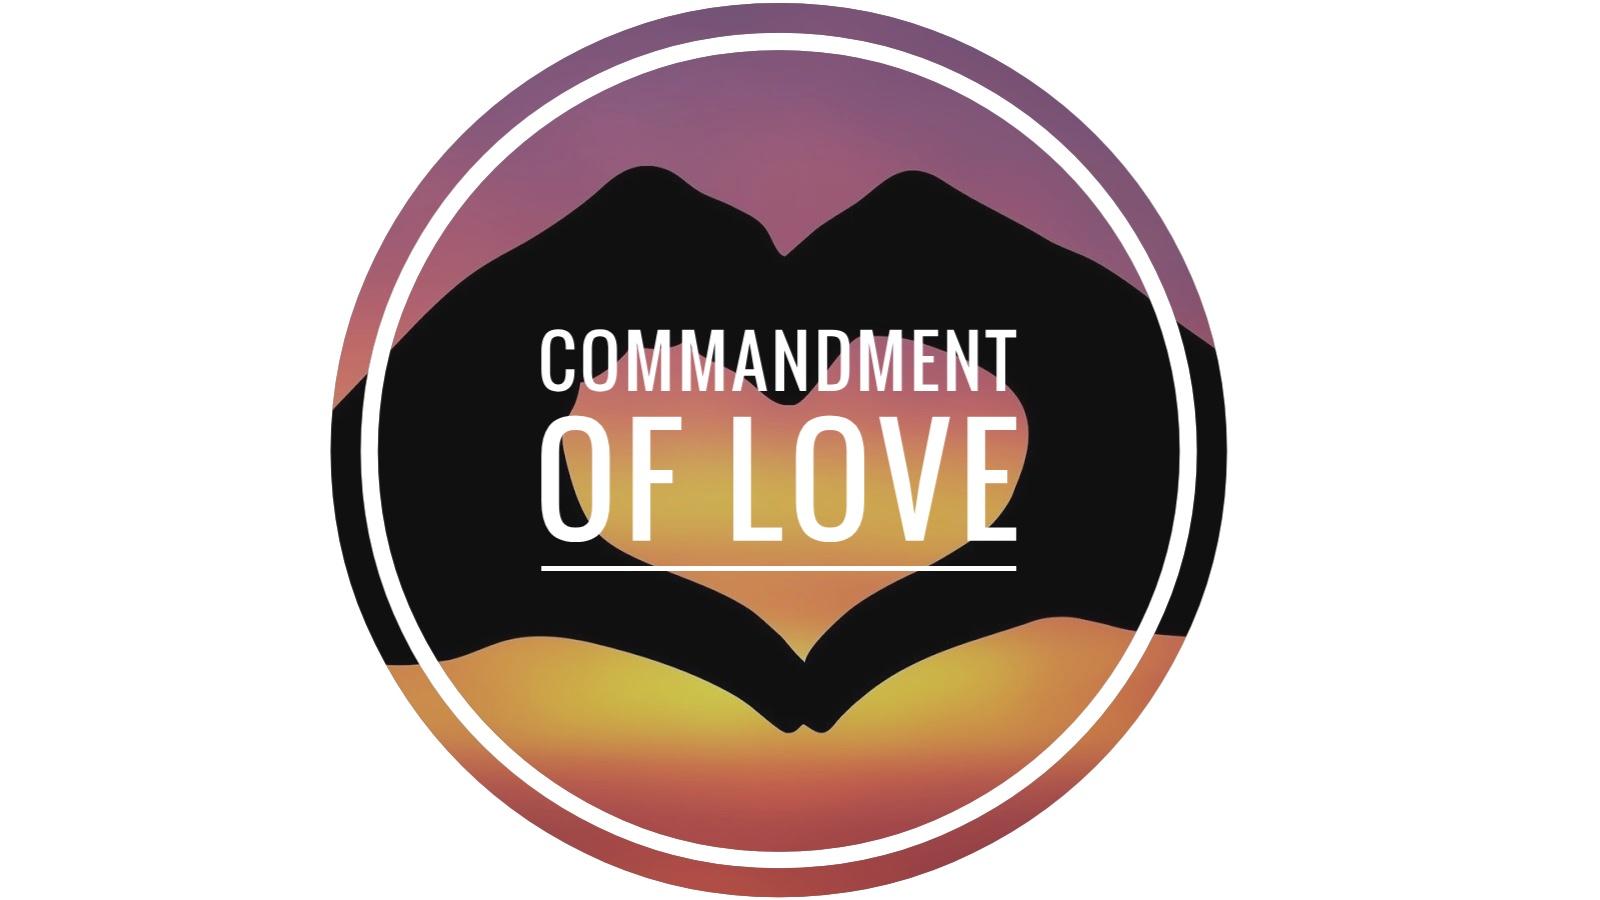 commandment of love 06.30.19.jpeg